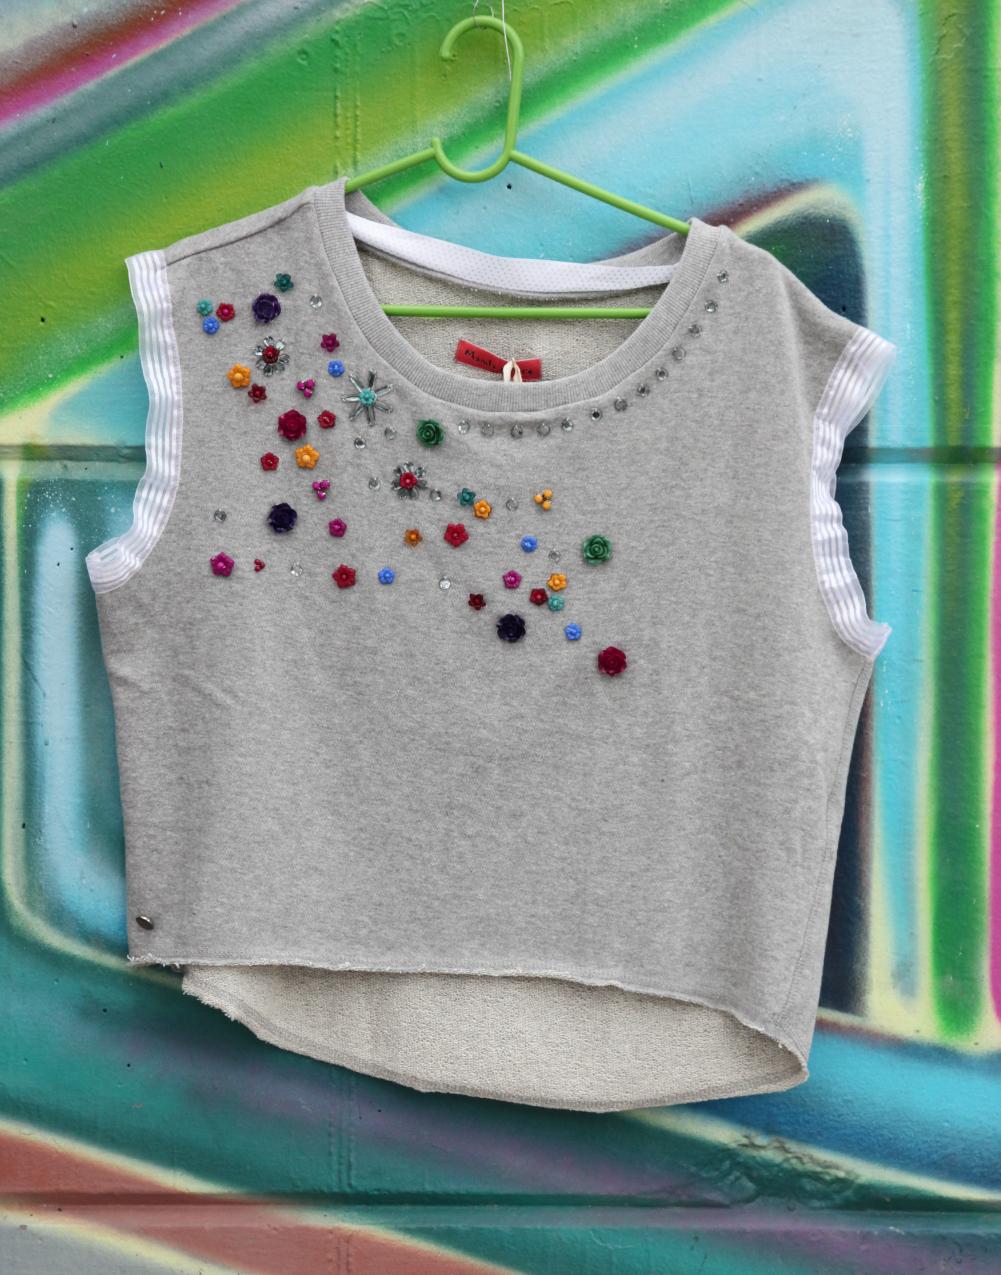 Borse, camicie ed abiti principeschi, alessia milanese, thechilicool, fashion blog, fashion blogger, gola, manila grace